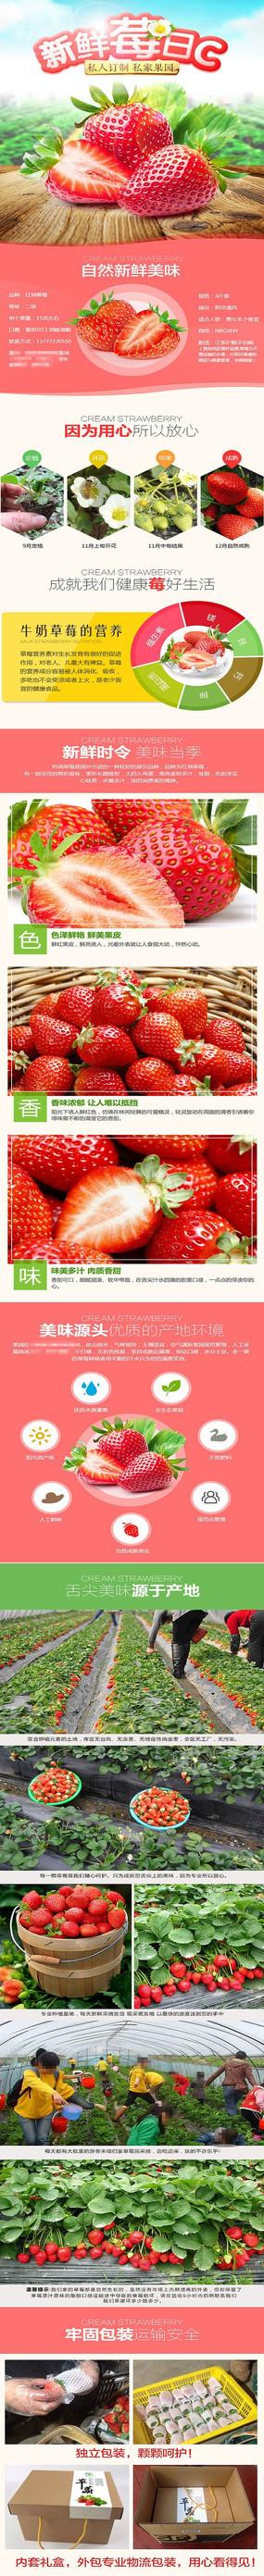 纯天然草莓淘宝界面